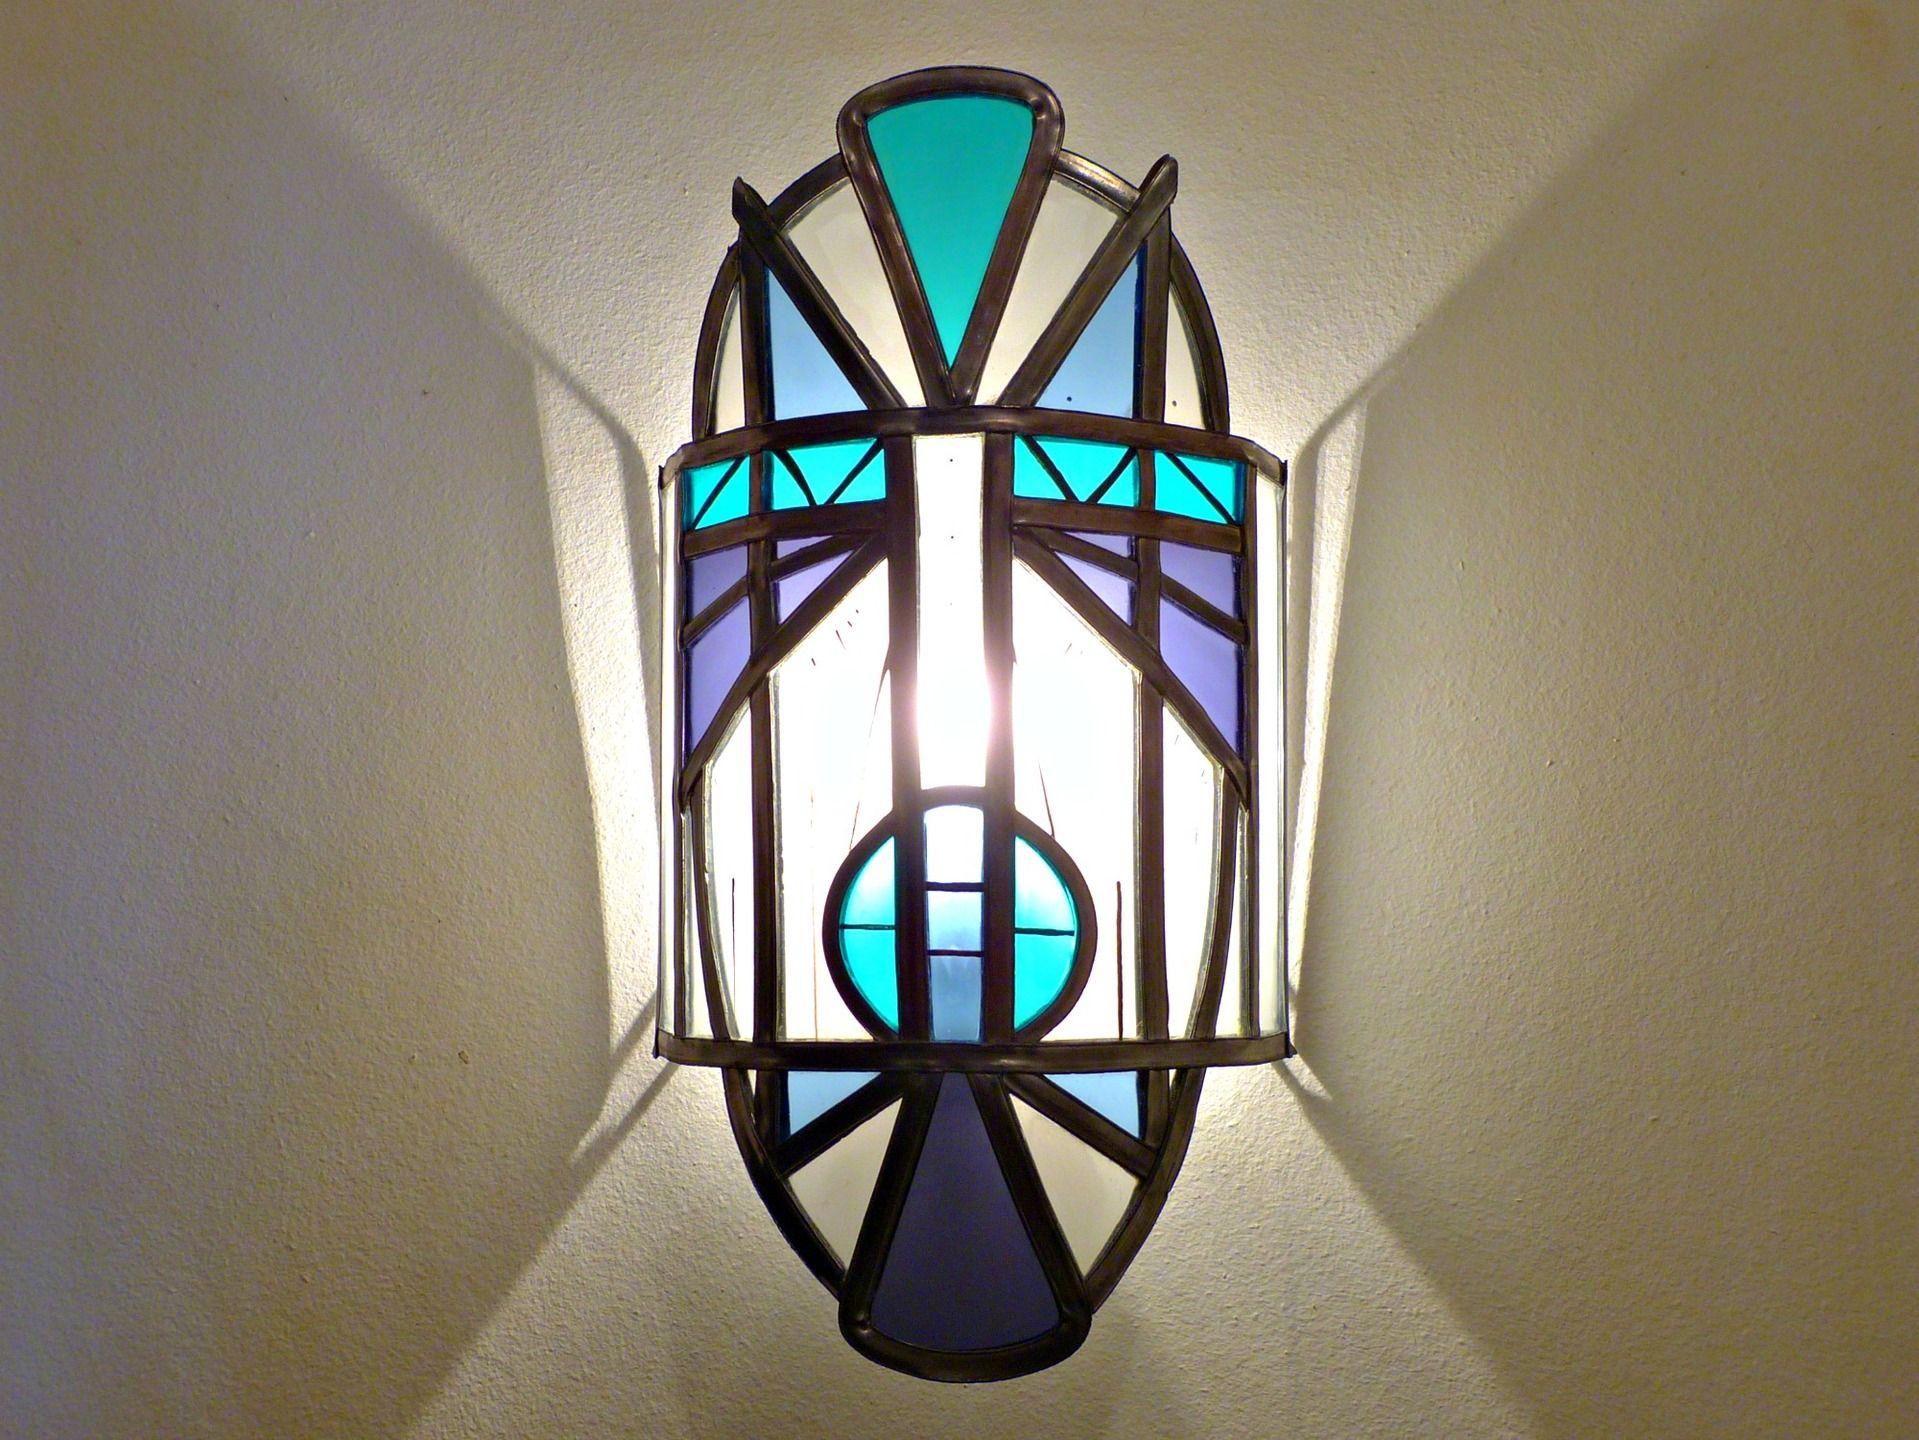 Applique luminaire vitrail masque turquoise bleu et violet